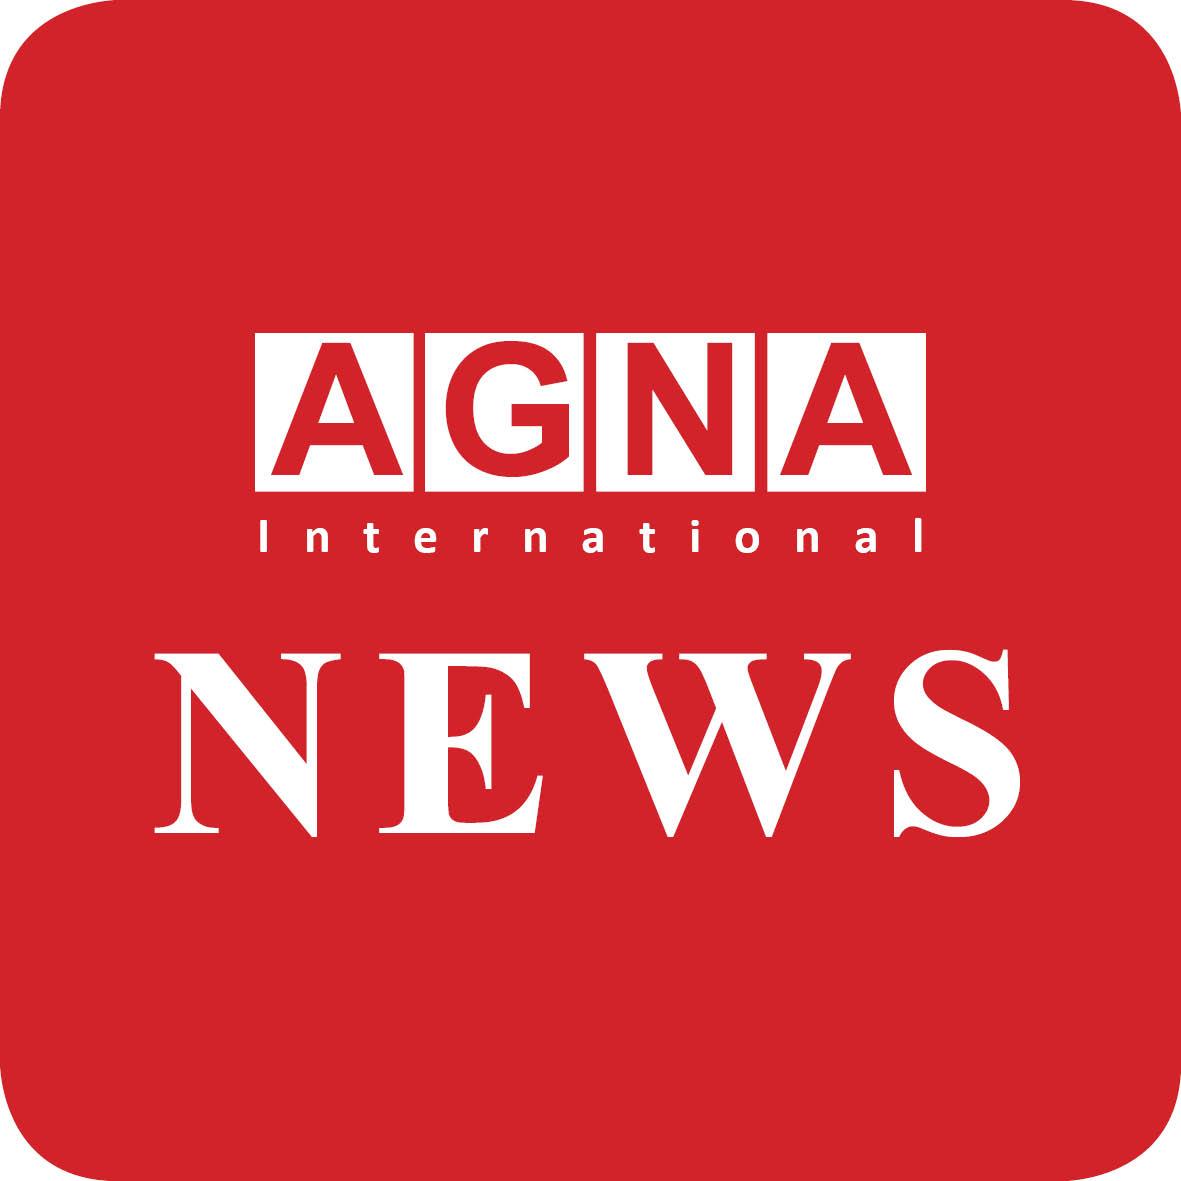 اخبار یک دقیقه ای اگنا، سرخط خبر های بین المللی